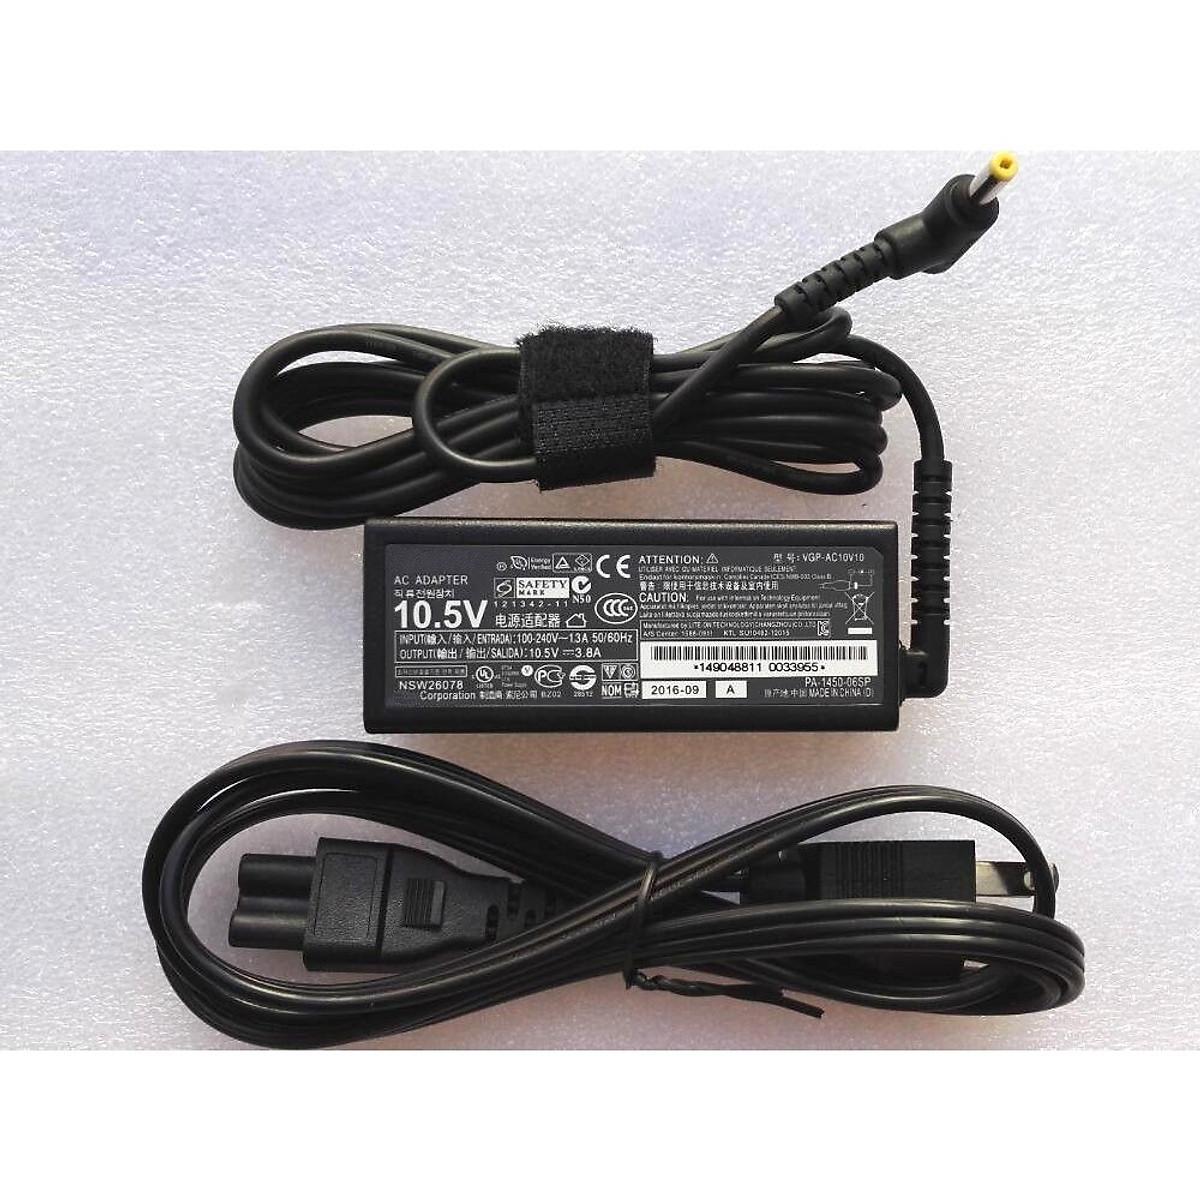 Sạc dành cho laptop Sony vaio  Sony Vaio Pro 13 SVP13 SVP1321A1J SVP132A1CL SVP13211STS SVP13212STB